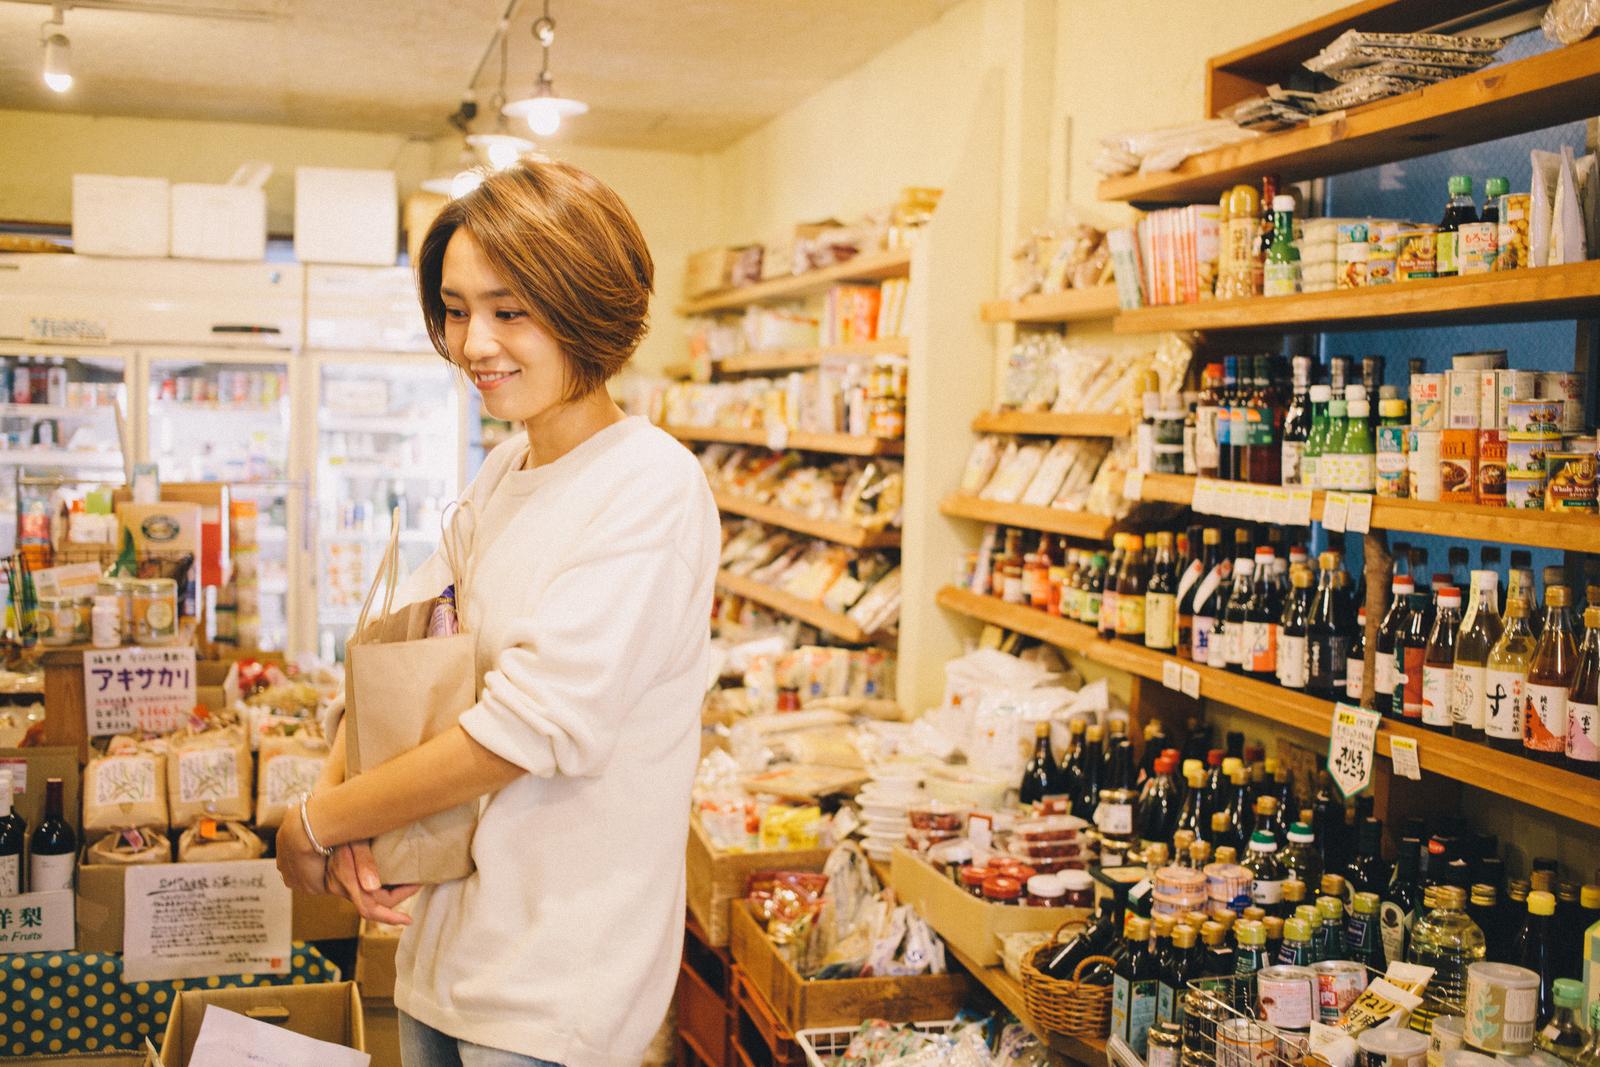 オーガニックフードショップ GAIA 代々木上原店 で買い物をする和田明日香さん